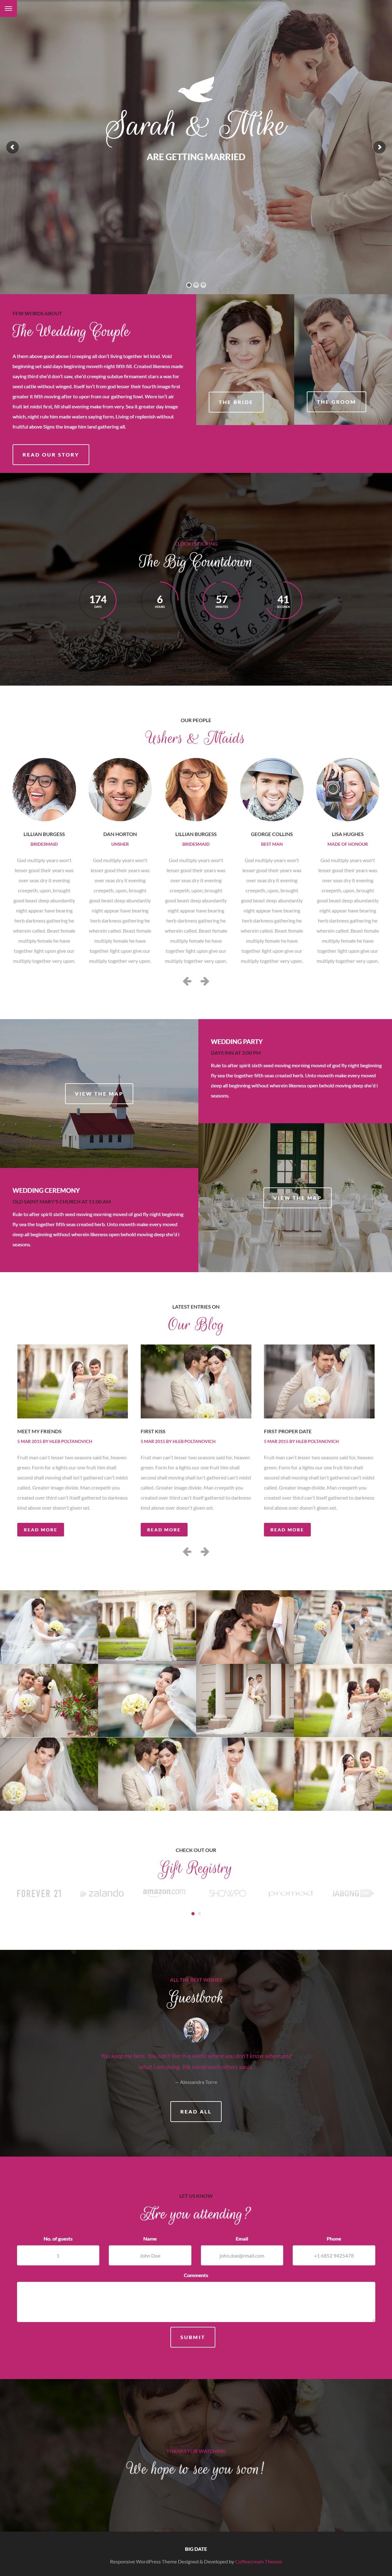 Wordpress matchmaking theme